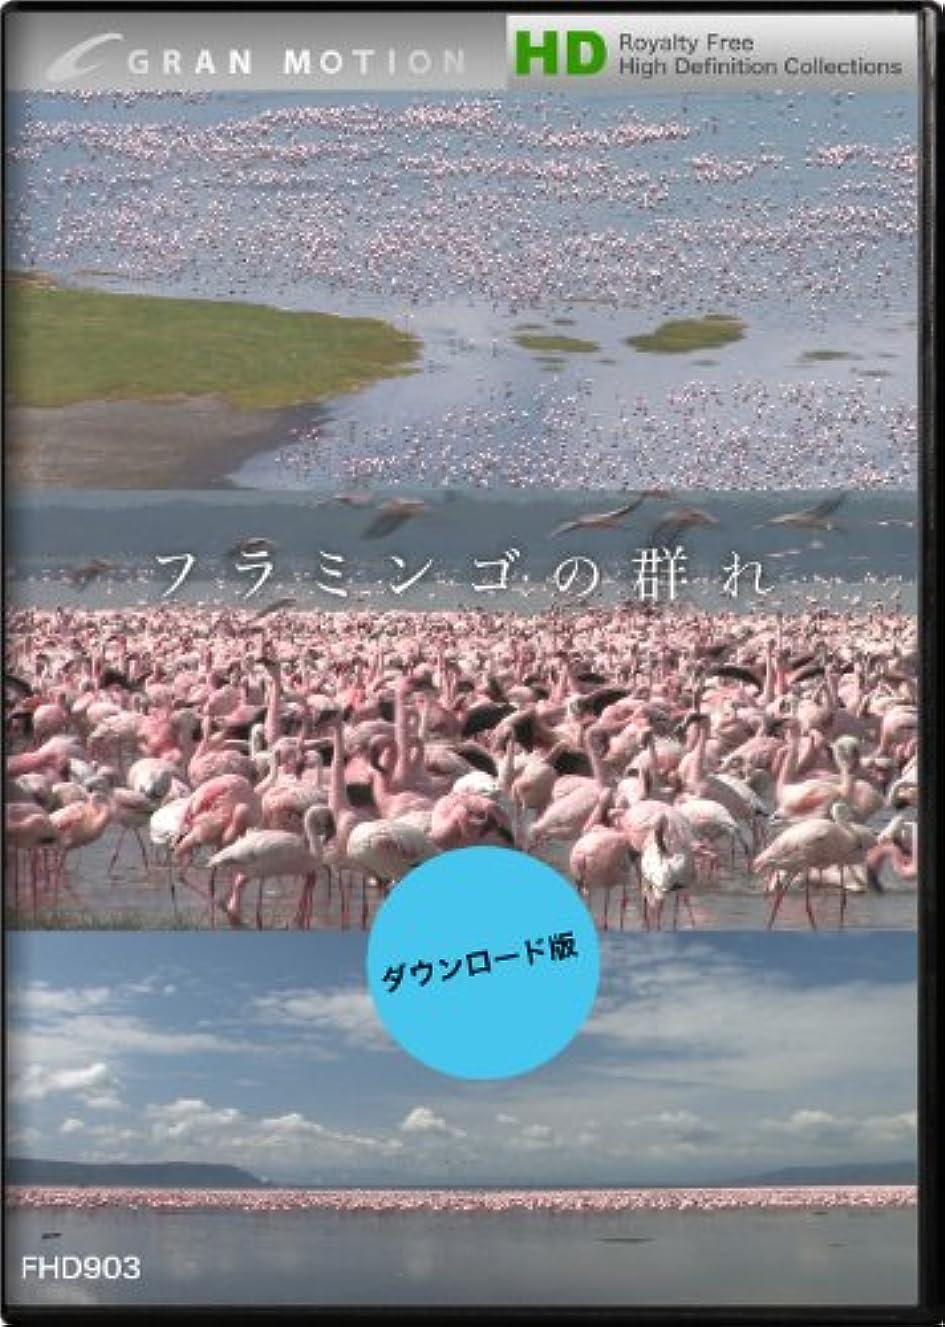 従順な単なる残酷なグランモーション FHD903 フラミンゴの群れ / フラミンゴの群れ [ダウンロード]